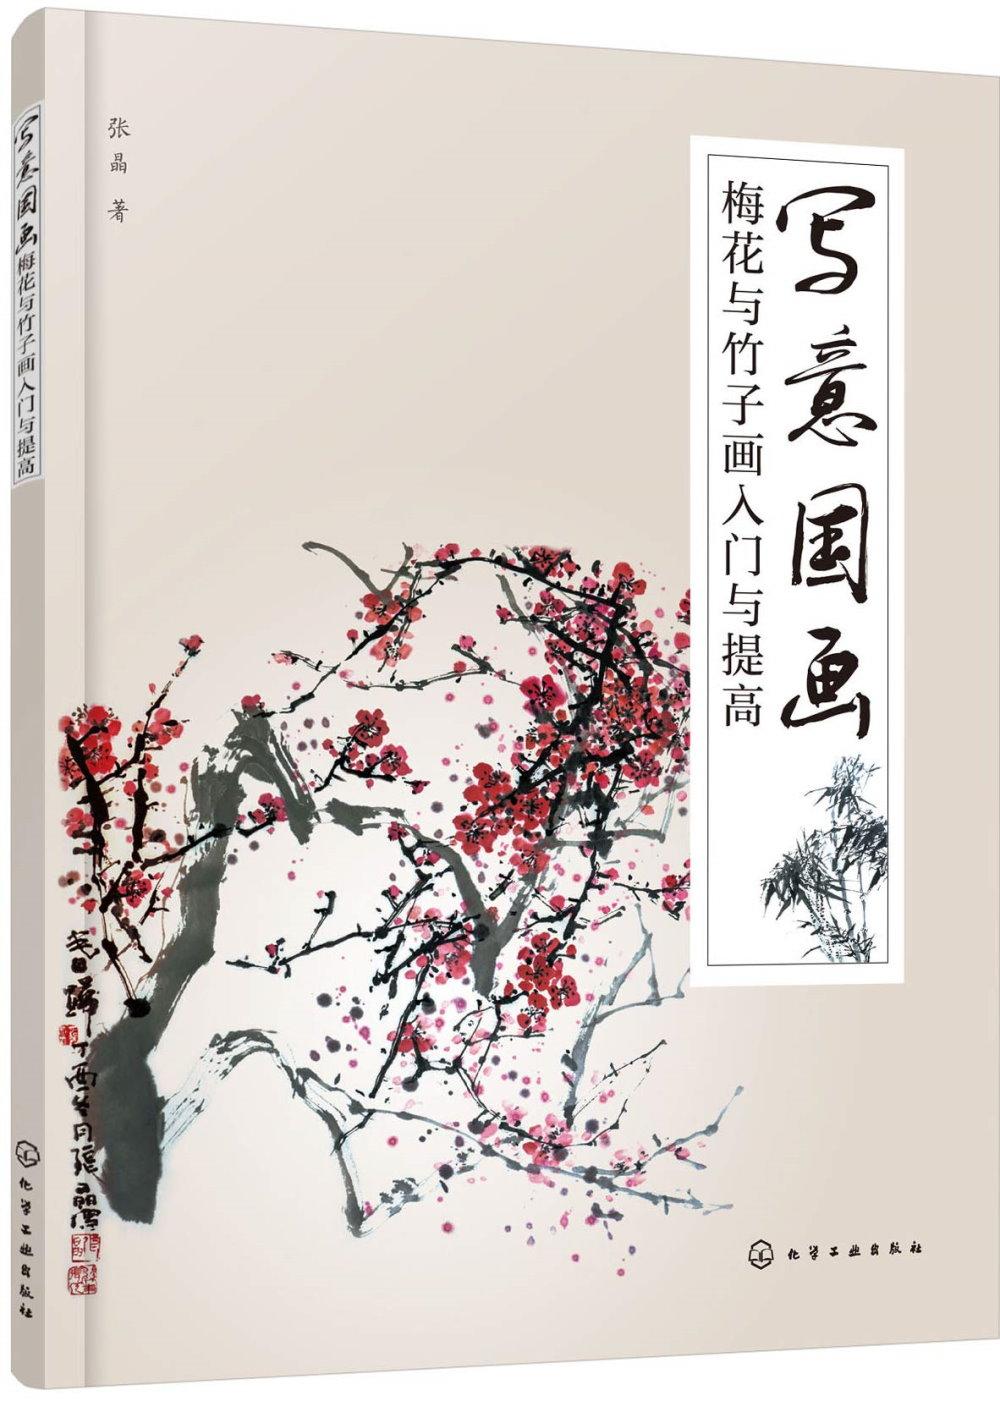 寫意國畫:梅花與竹子畫入門與提高